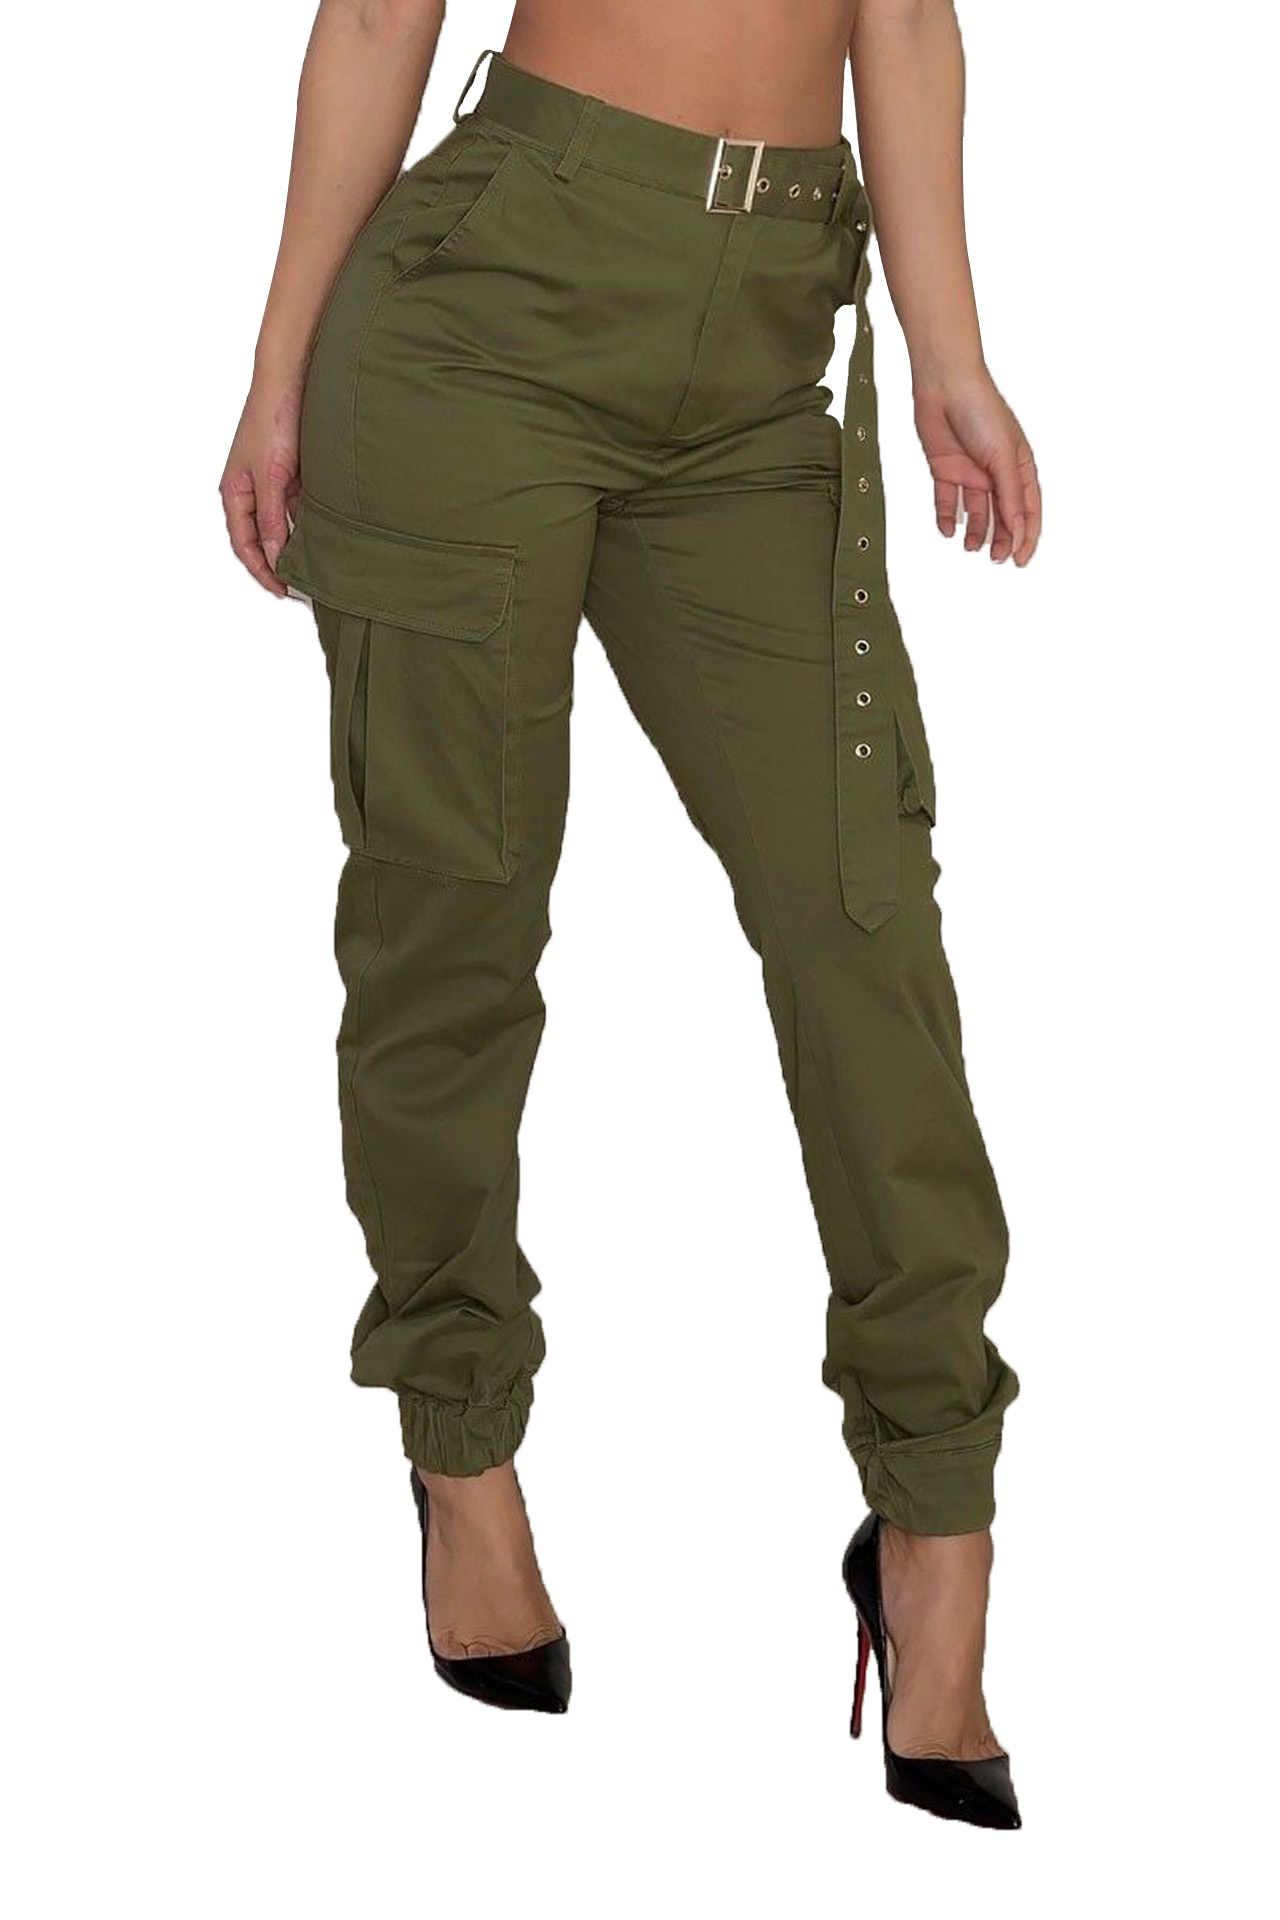 Yüksek bel pantolon kamuflaj gevşek joggers kadınlar ordu harem kamuflajlı pantolon streetwear punk siyah kargo pantolon kadın kapriler pantolon